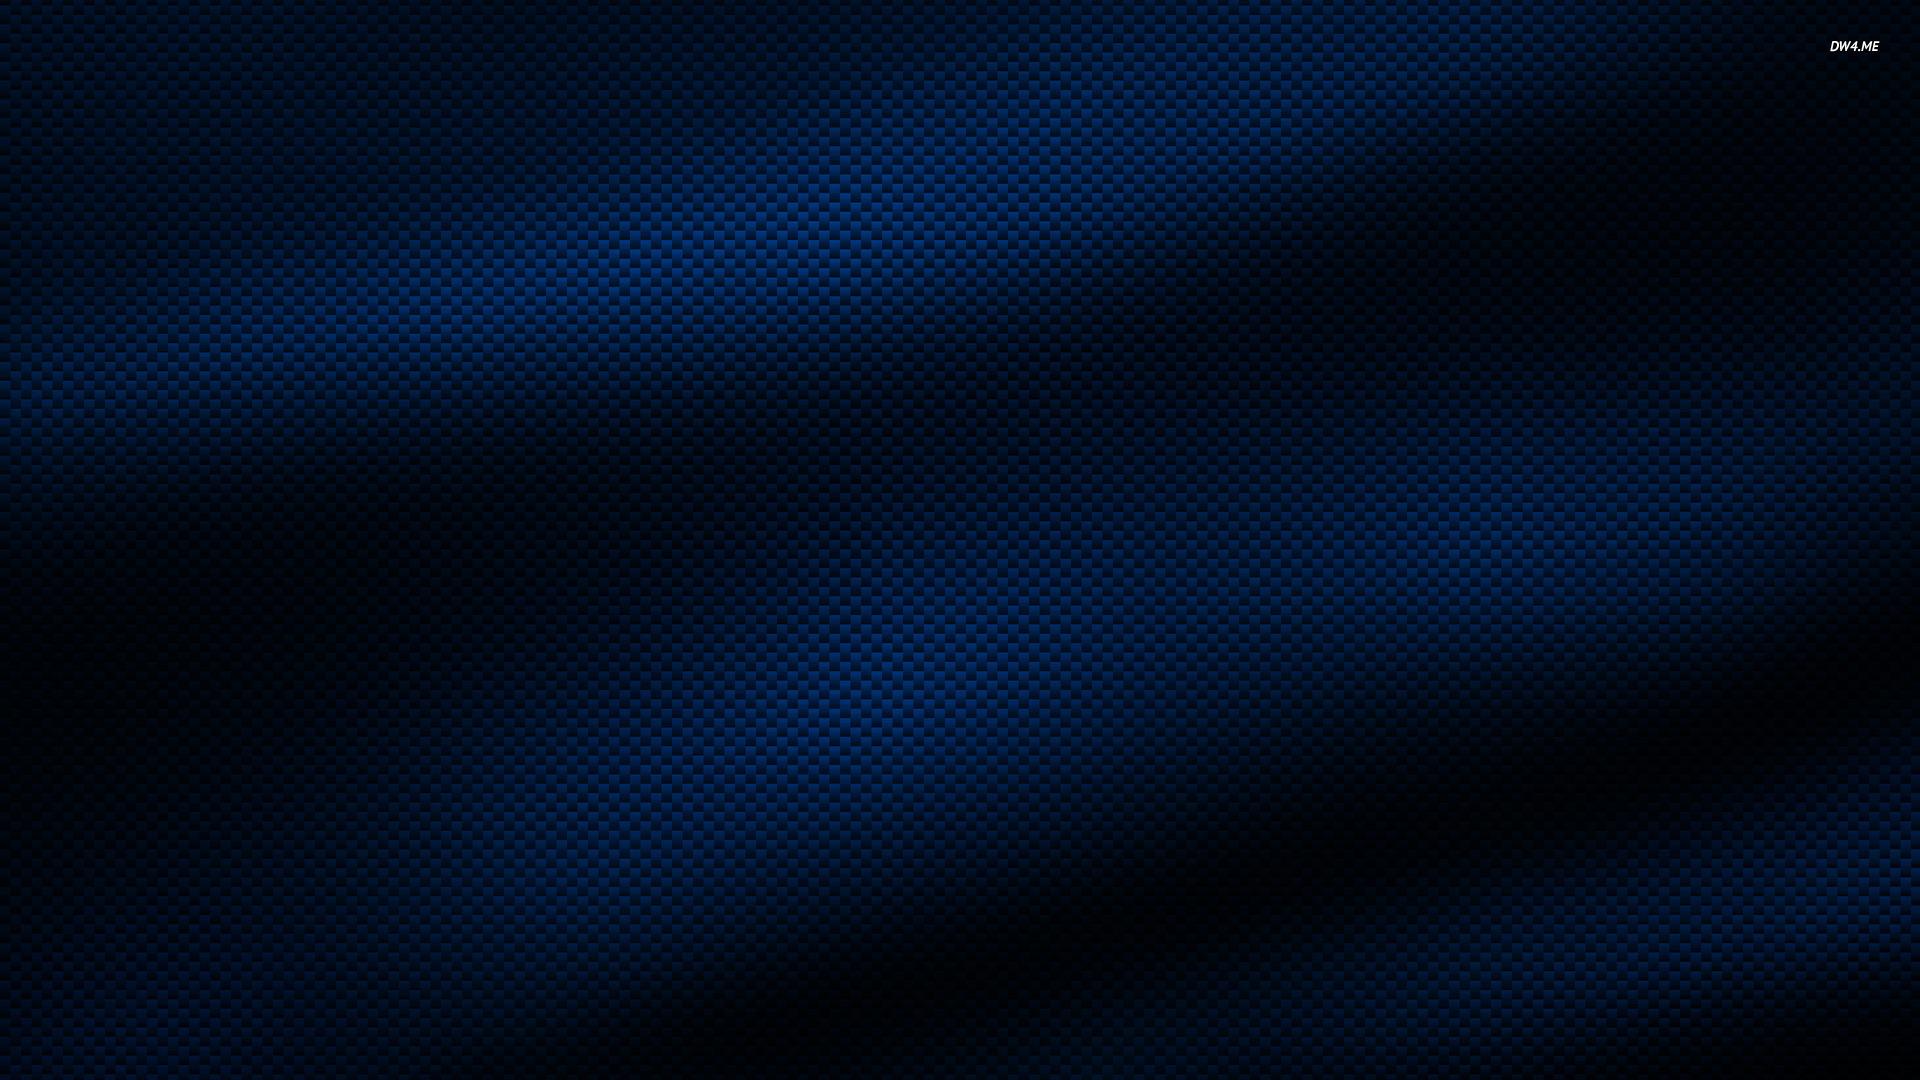 Carbon fiber fabric wallpaper   679777 1920x1080